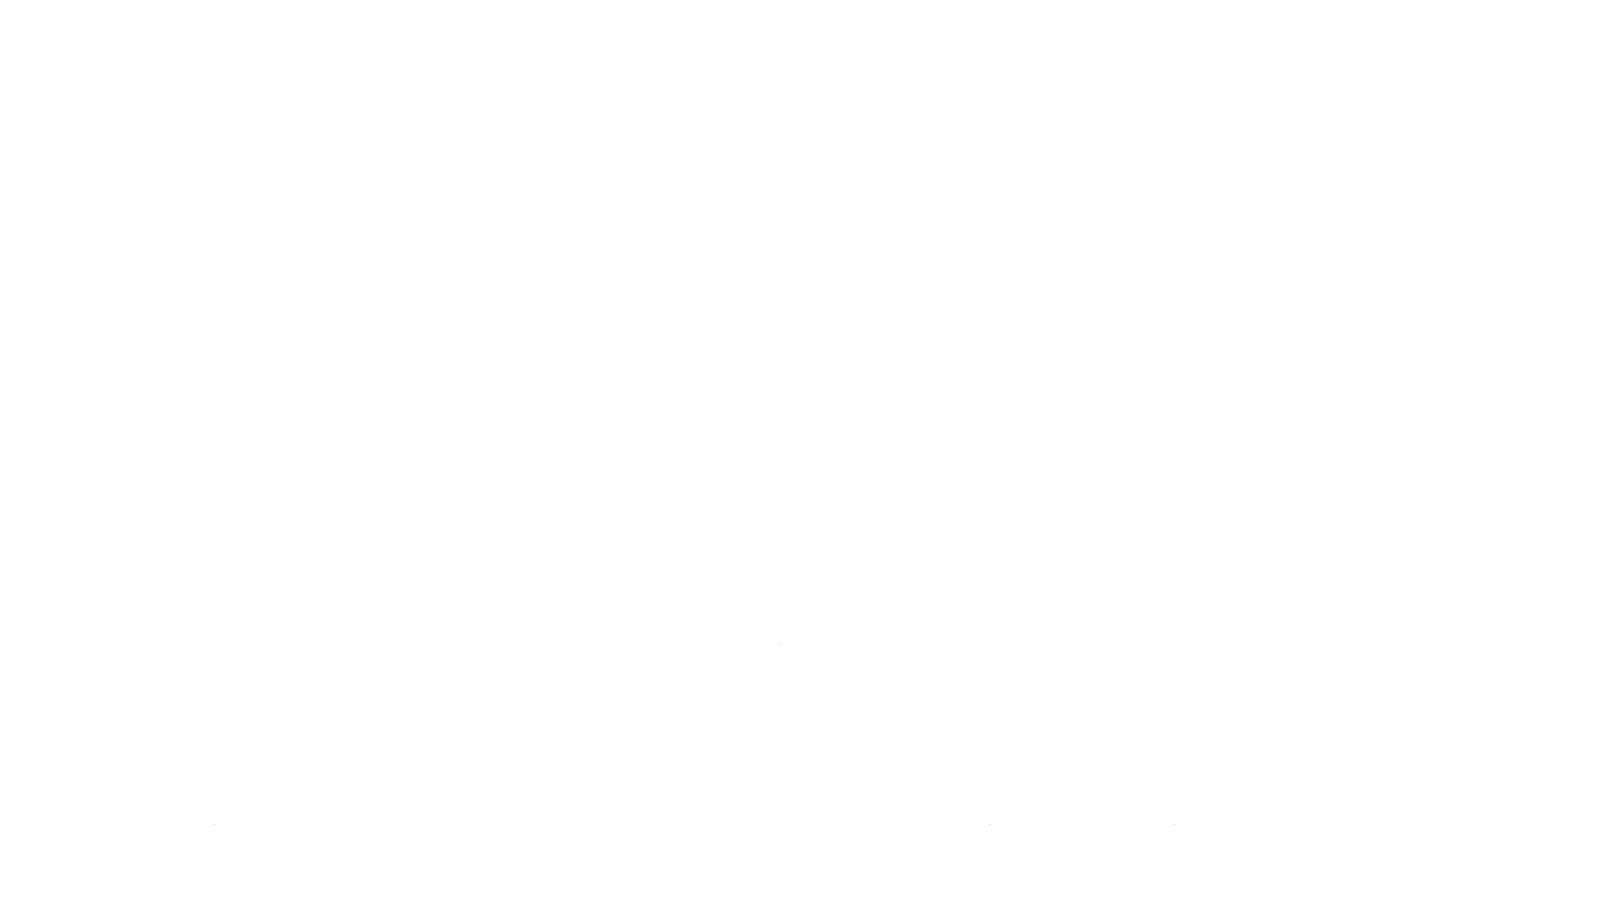 Slide 190